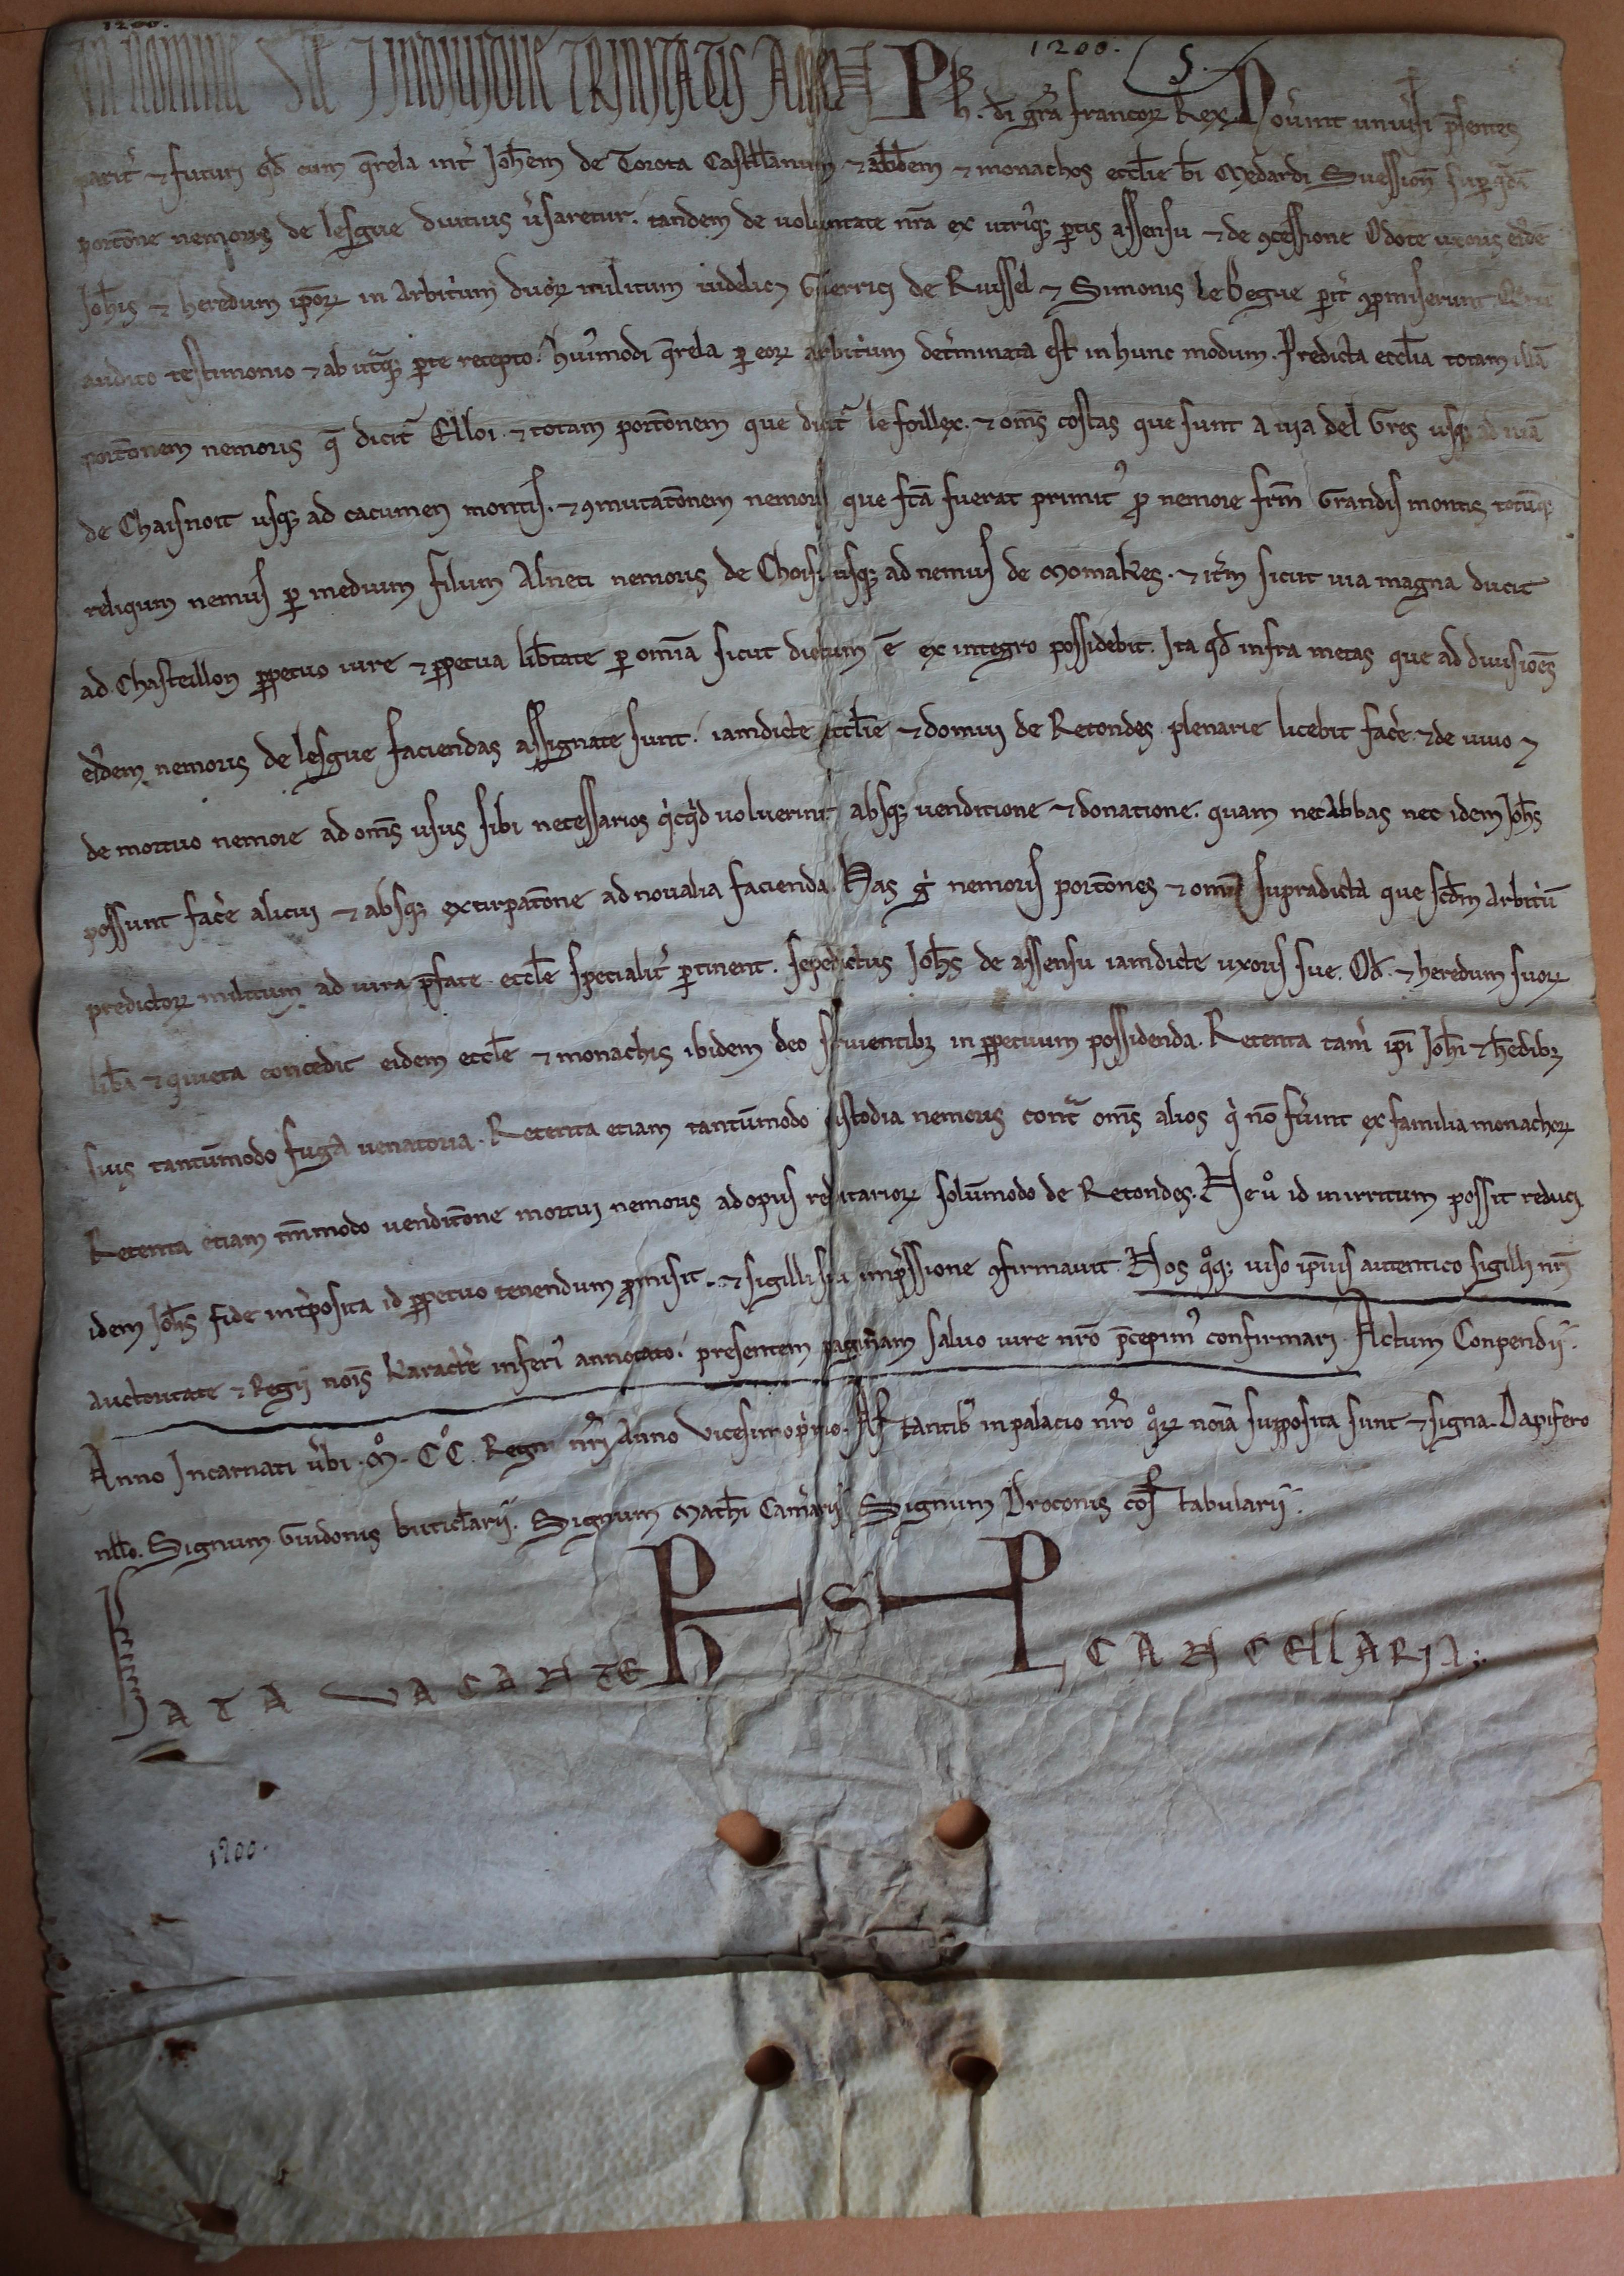 Charte_de_Philippe_Auguste_pour_Saint_Médard_de_Soissons_1200